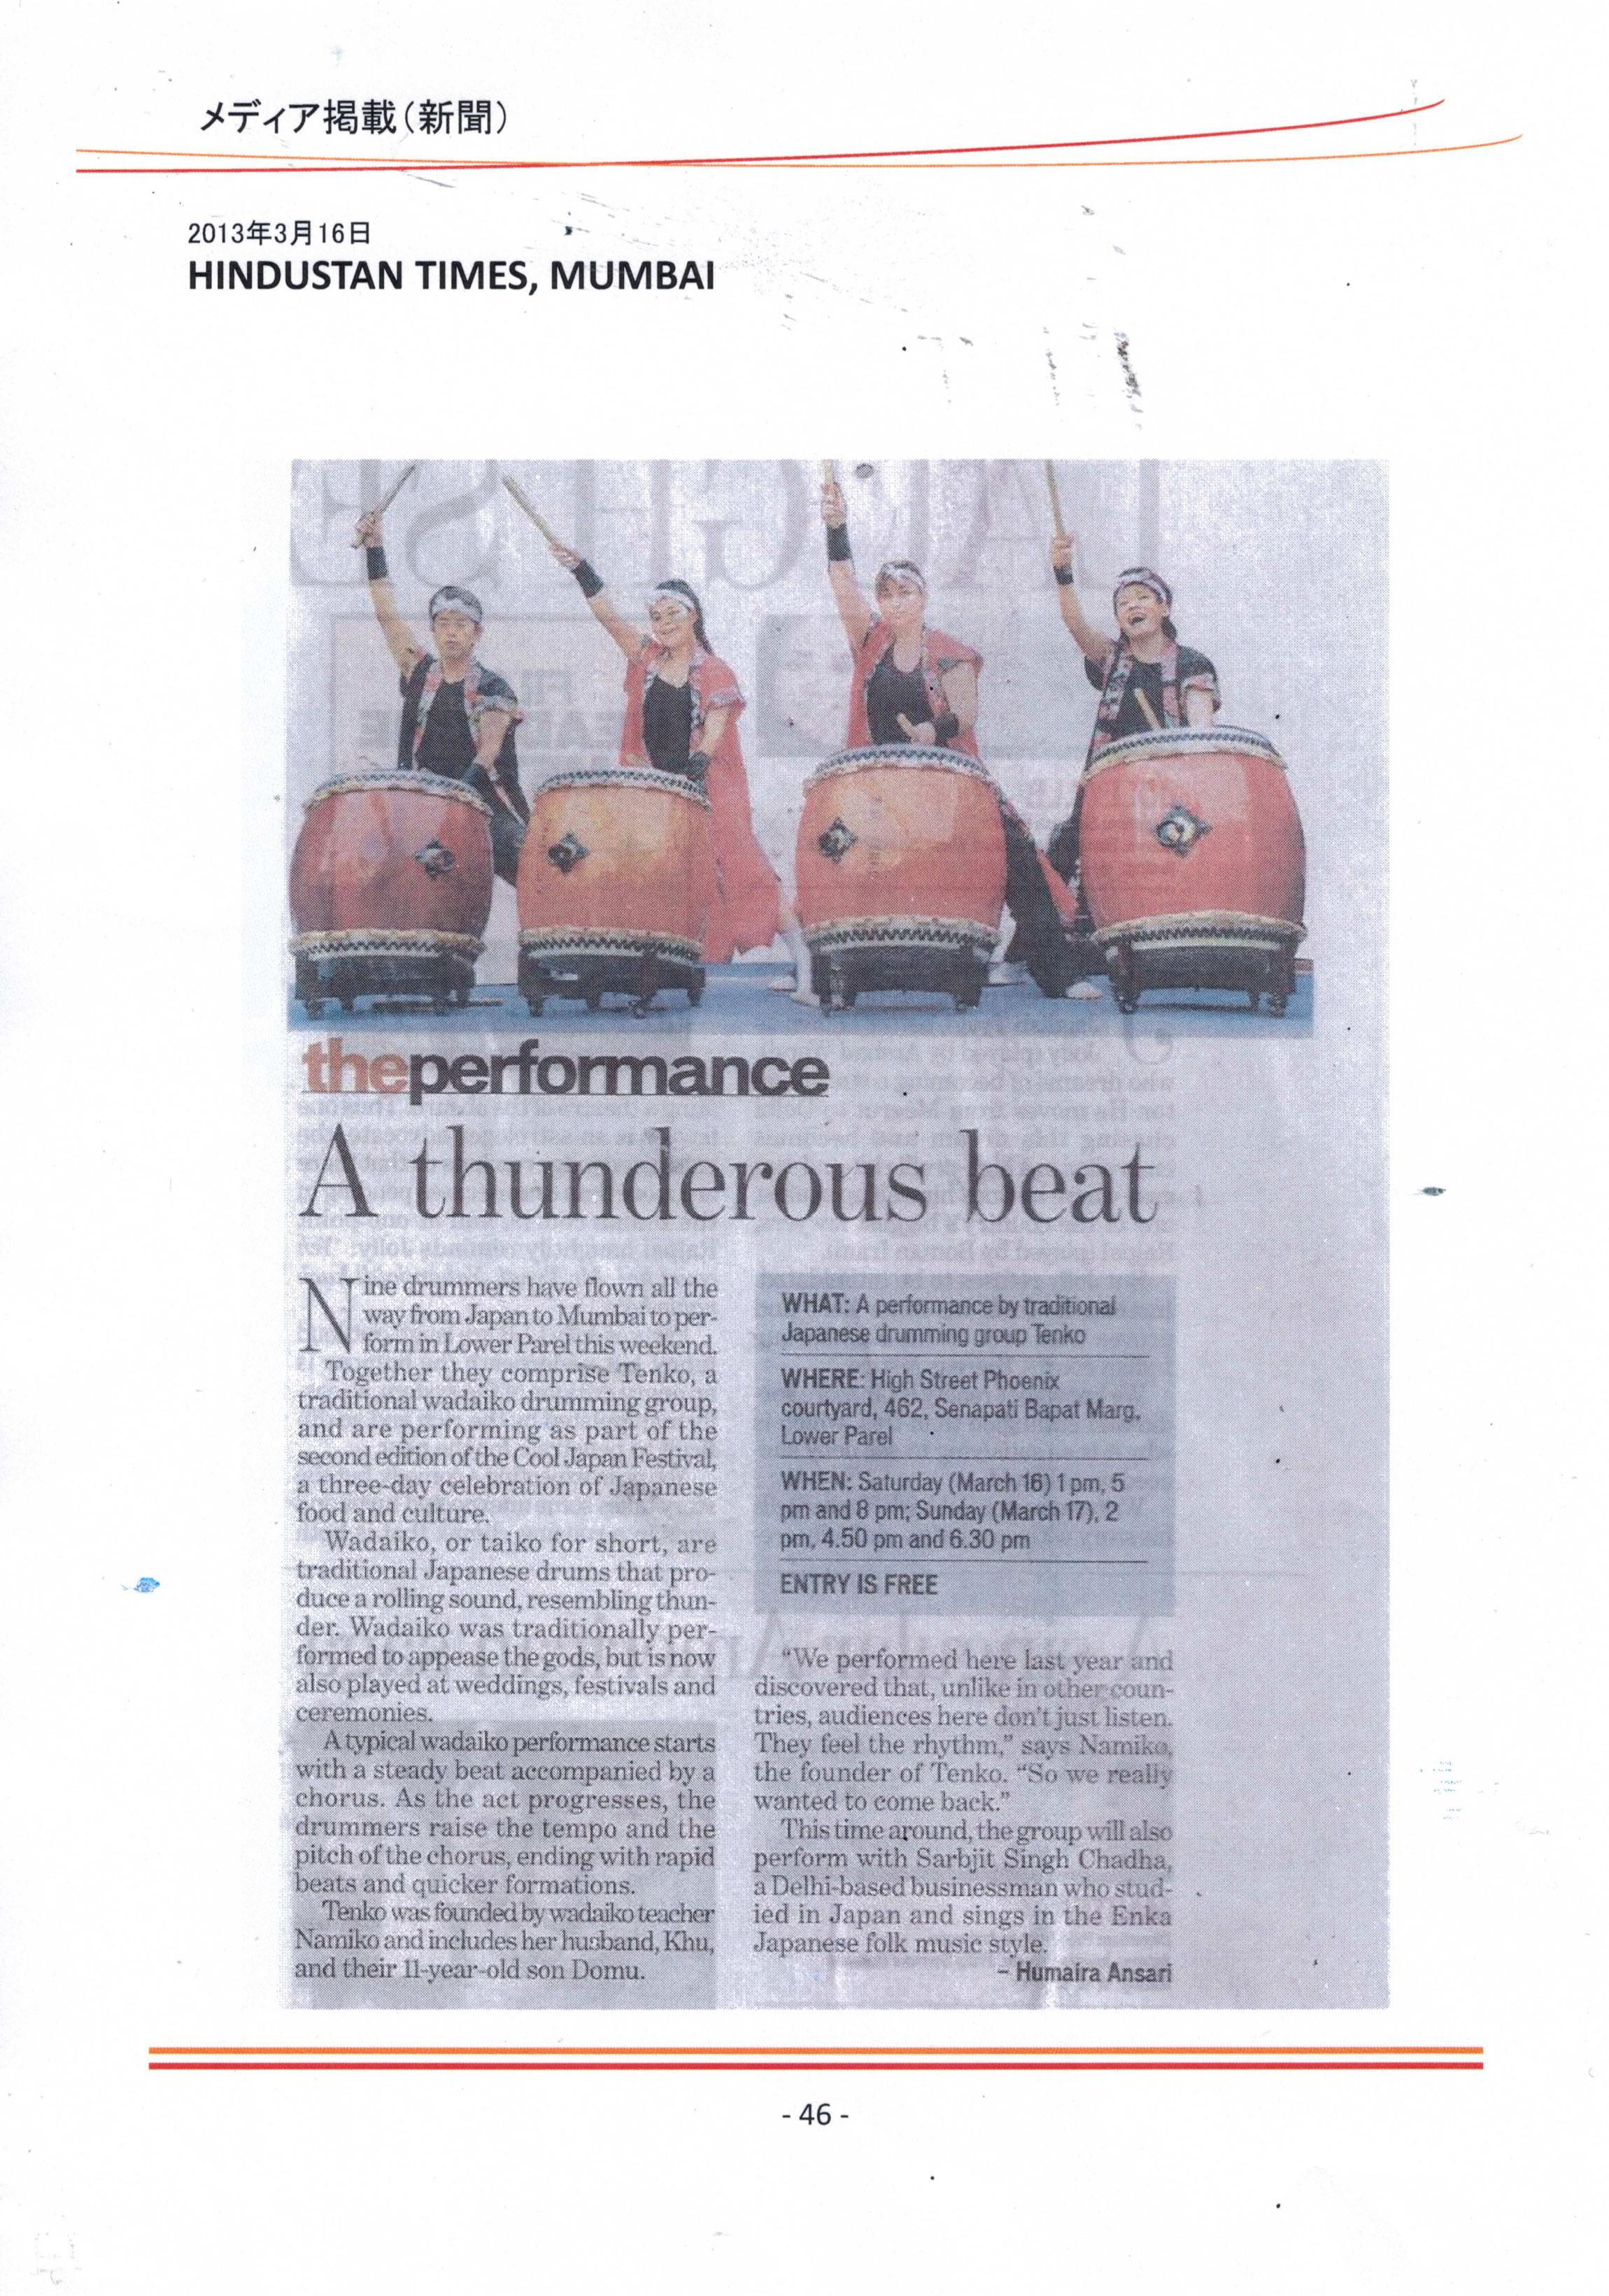 HINDUSTAN-TIMES-@INDIA-16-Mar-2013